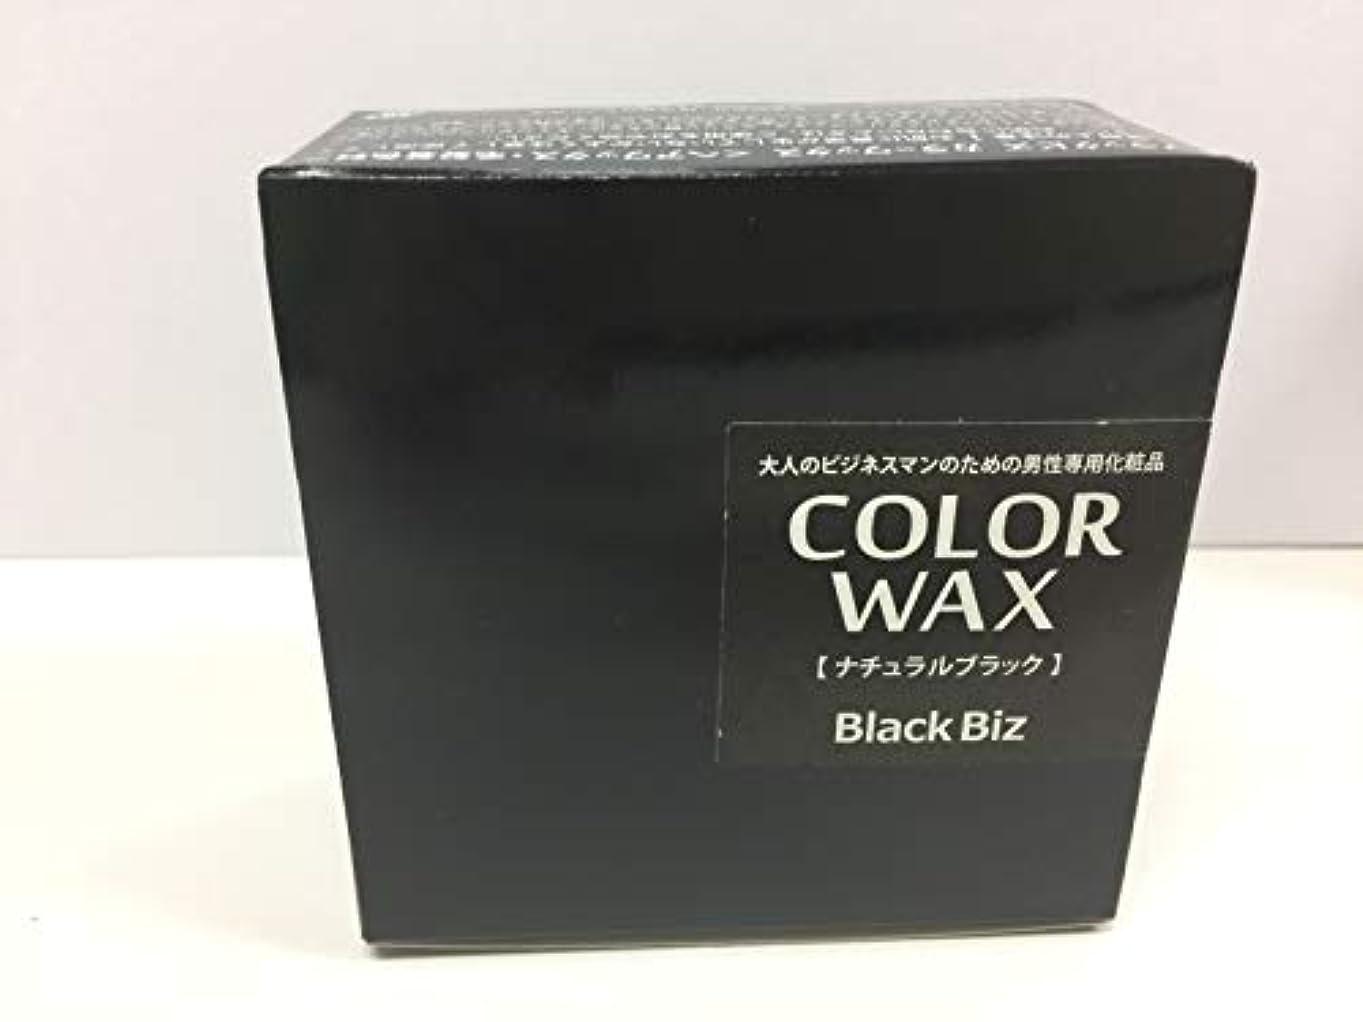 後悔マイク朝大人のビジネスマンのための男性専用化粧品 BlackBiz COLOR WAX ブラックビズ カラーワックス 【ナチュラルブラック】